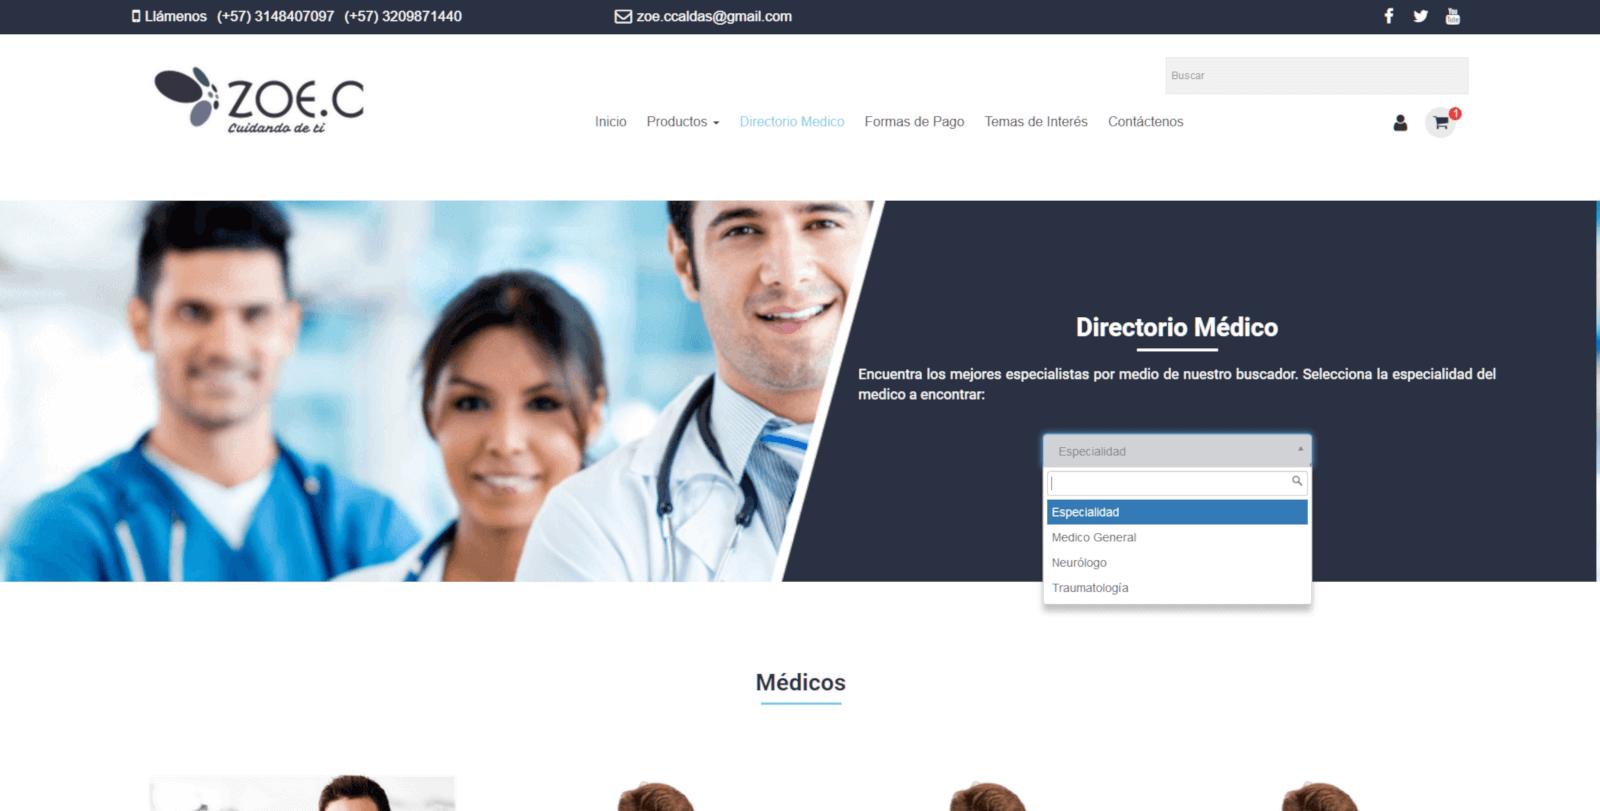 DIRECTORIO DE MEDICOS ZOECANNABIS